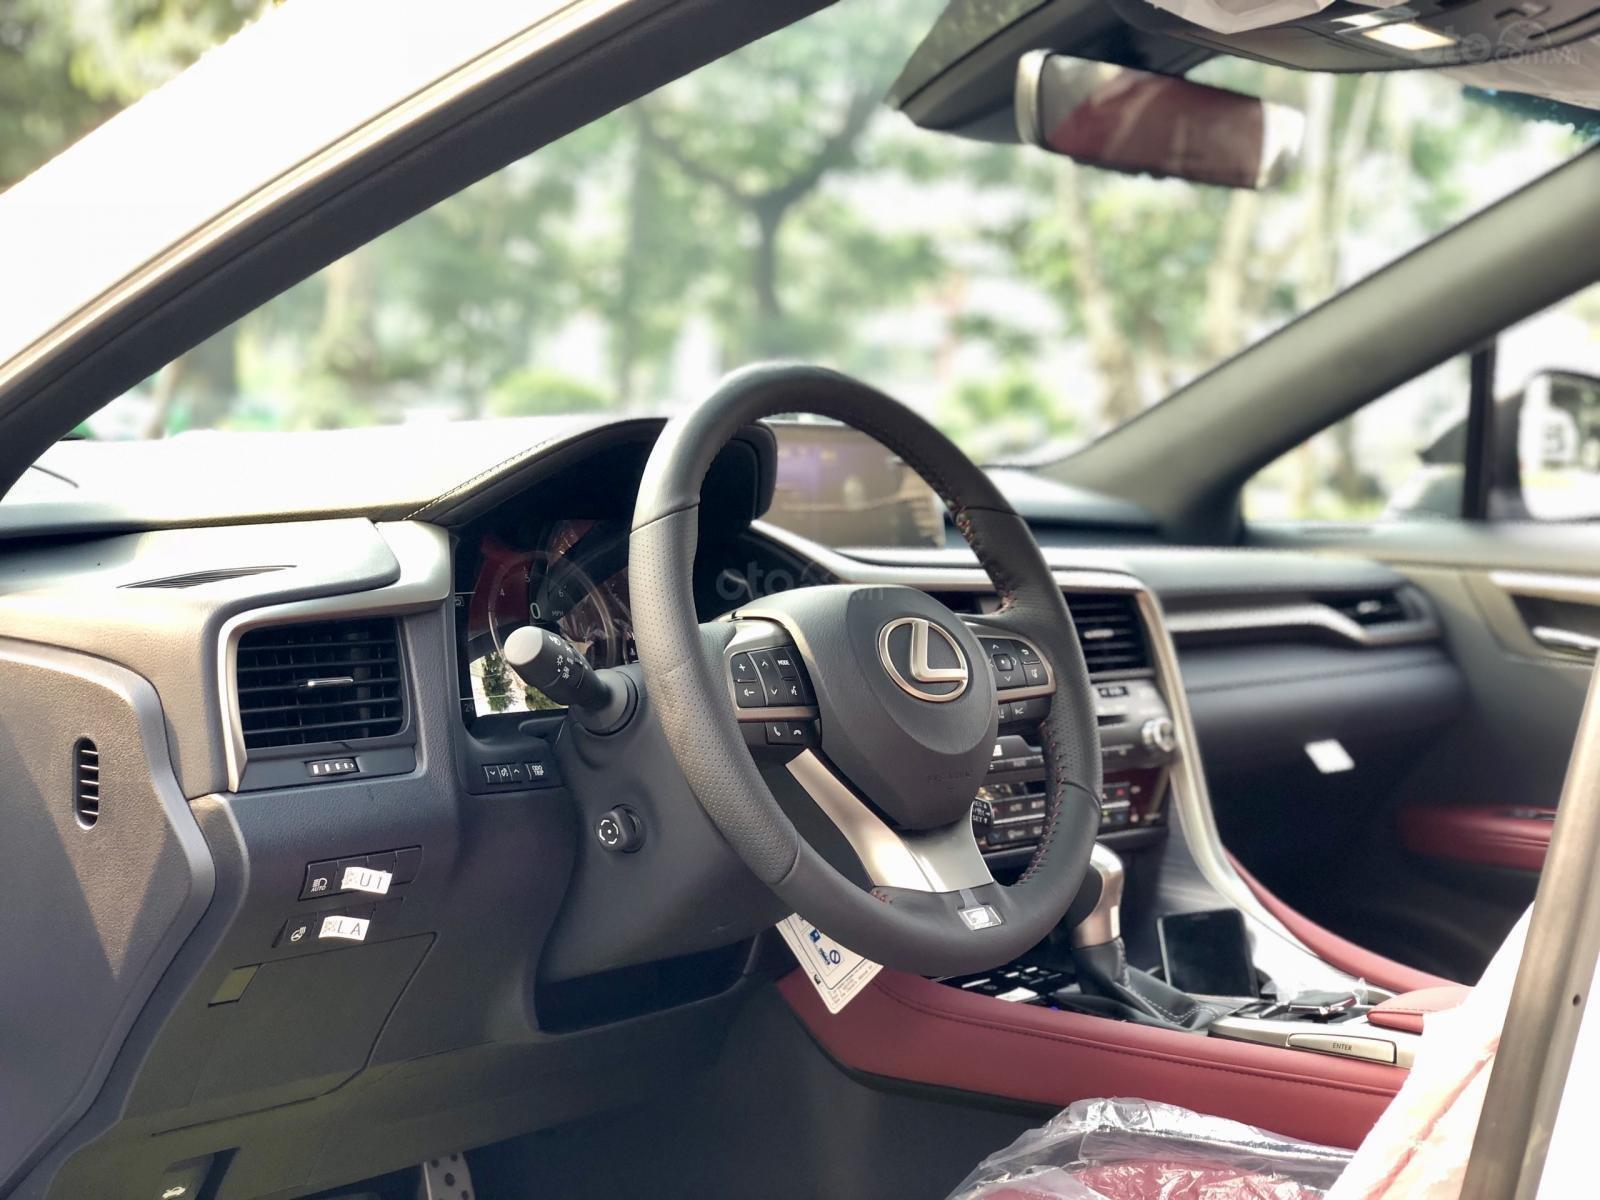 Bán Lexus RX 350 Fsport năm 2020, nhập Mỹ giao ngay toàn quốc, giá tốt, LH Ms Hương 094.539.2468 (10)